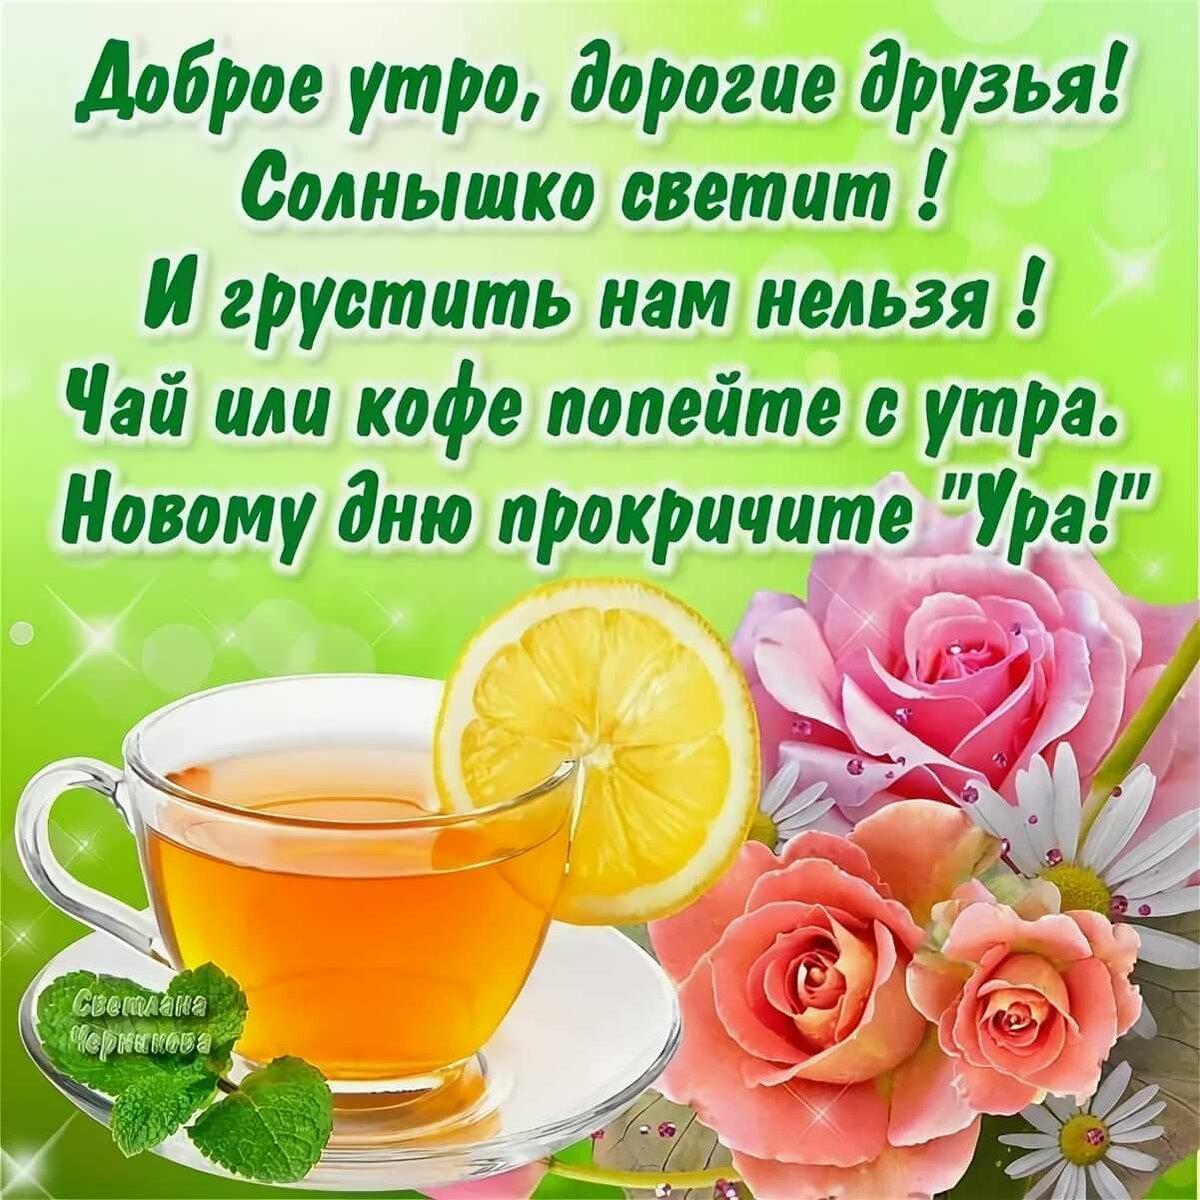 Открытки с поздравлением доброе утро дорогая